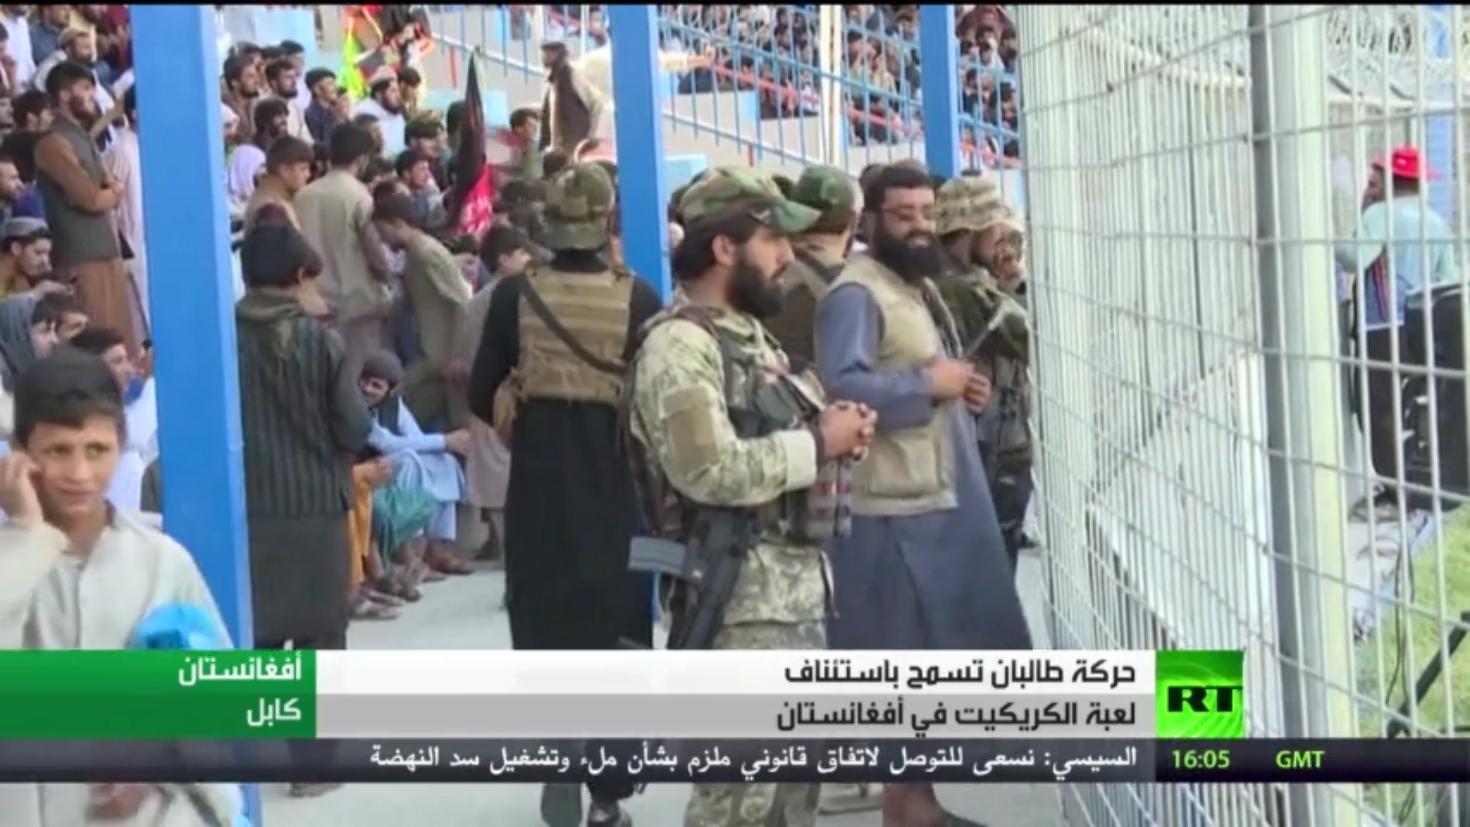 طالبان تسمح باستئناف لعبة الكريكيت